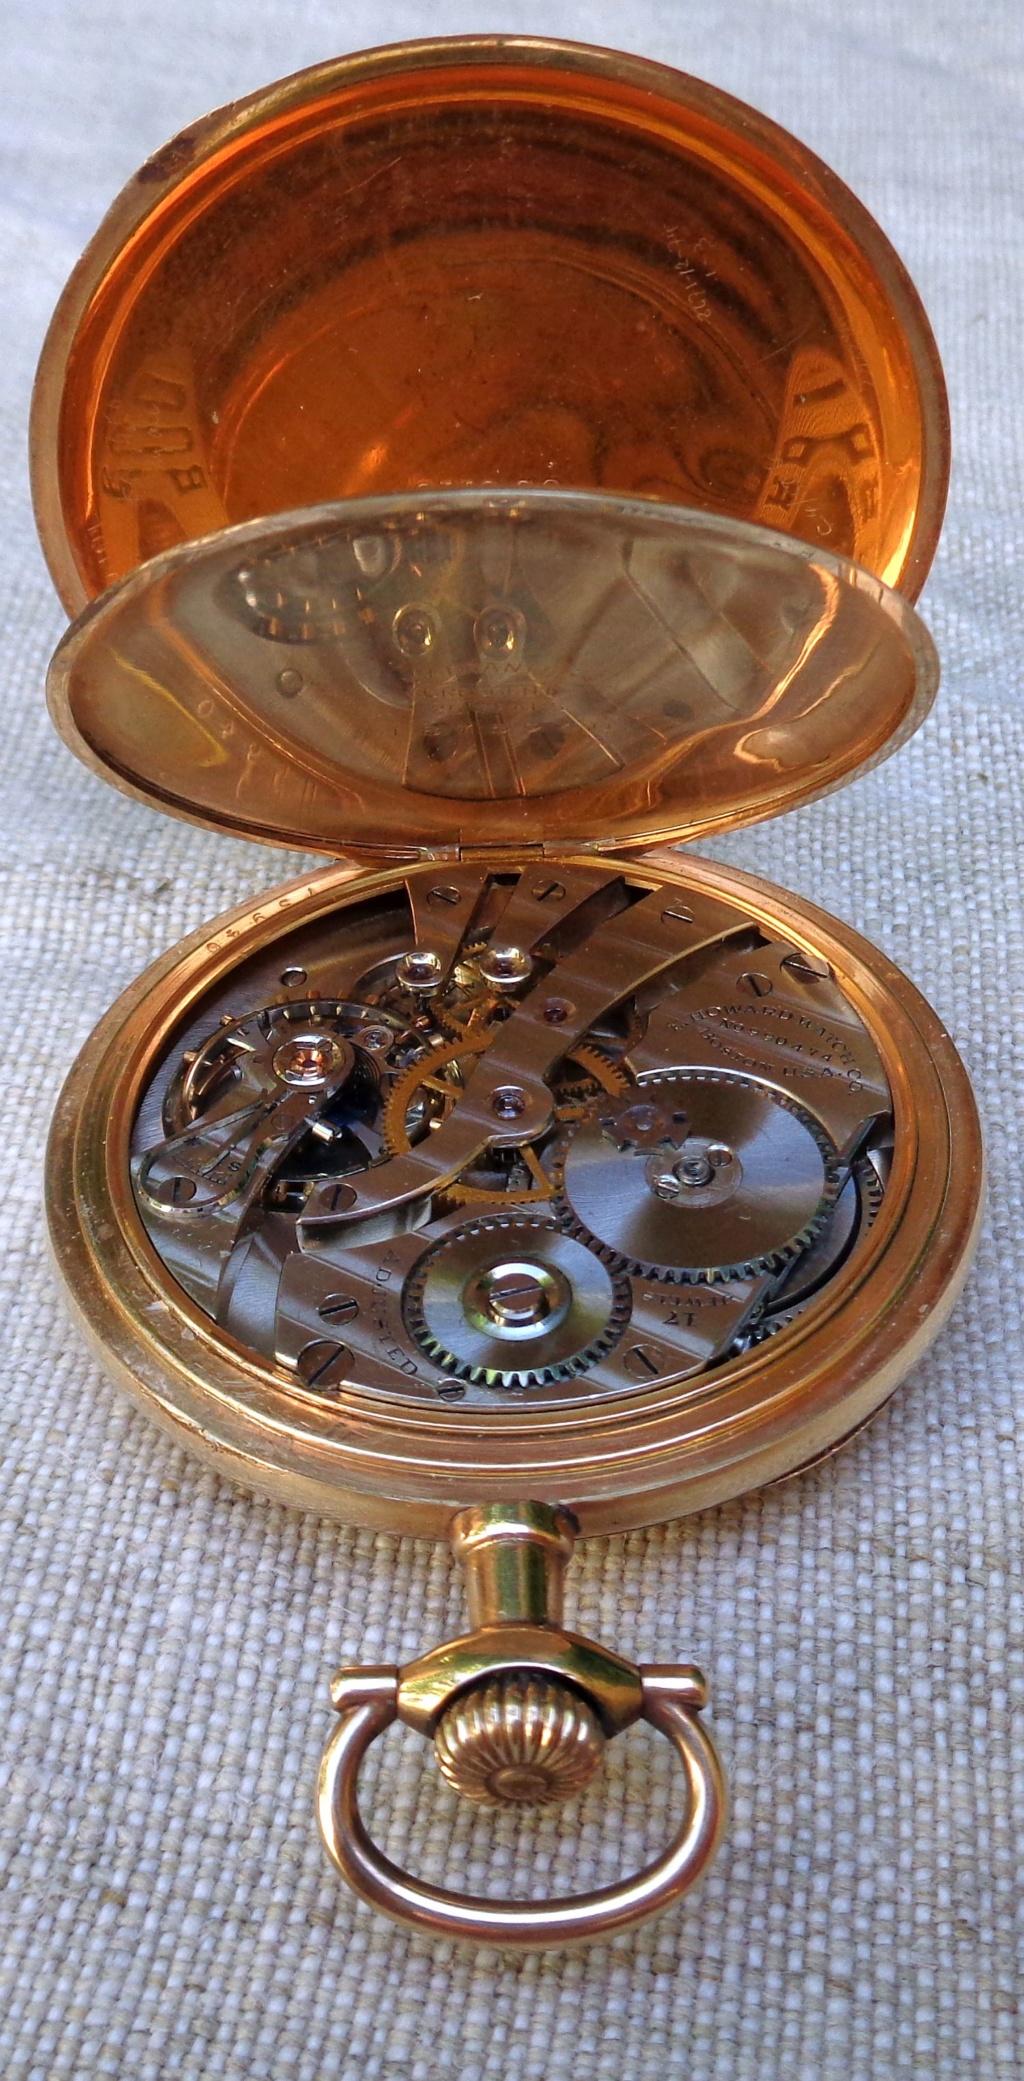 Comment dater une montre vintage américaine HOWARD  Dsc05014